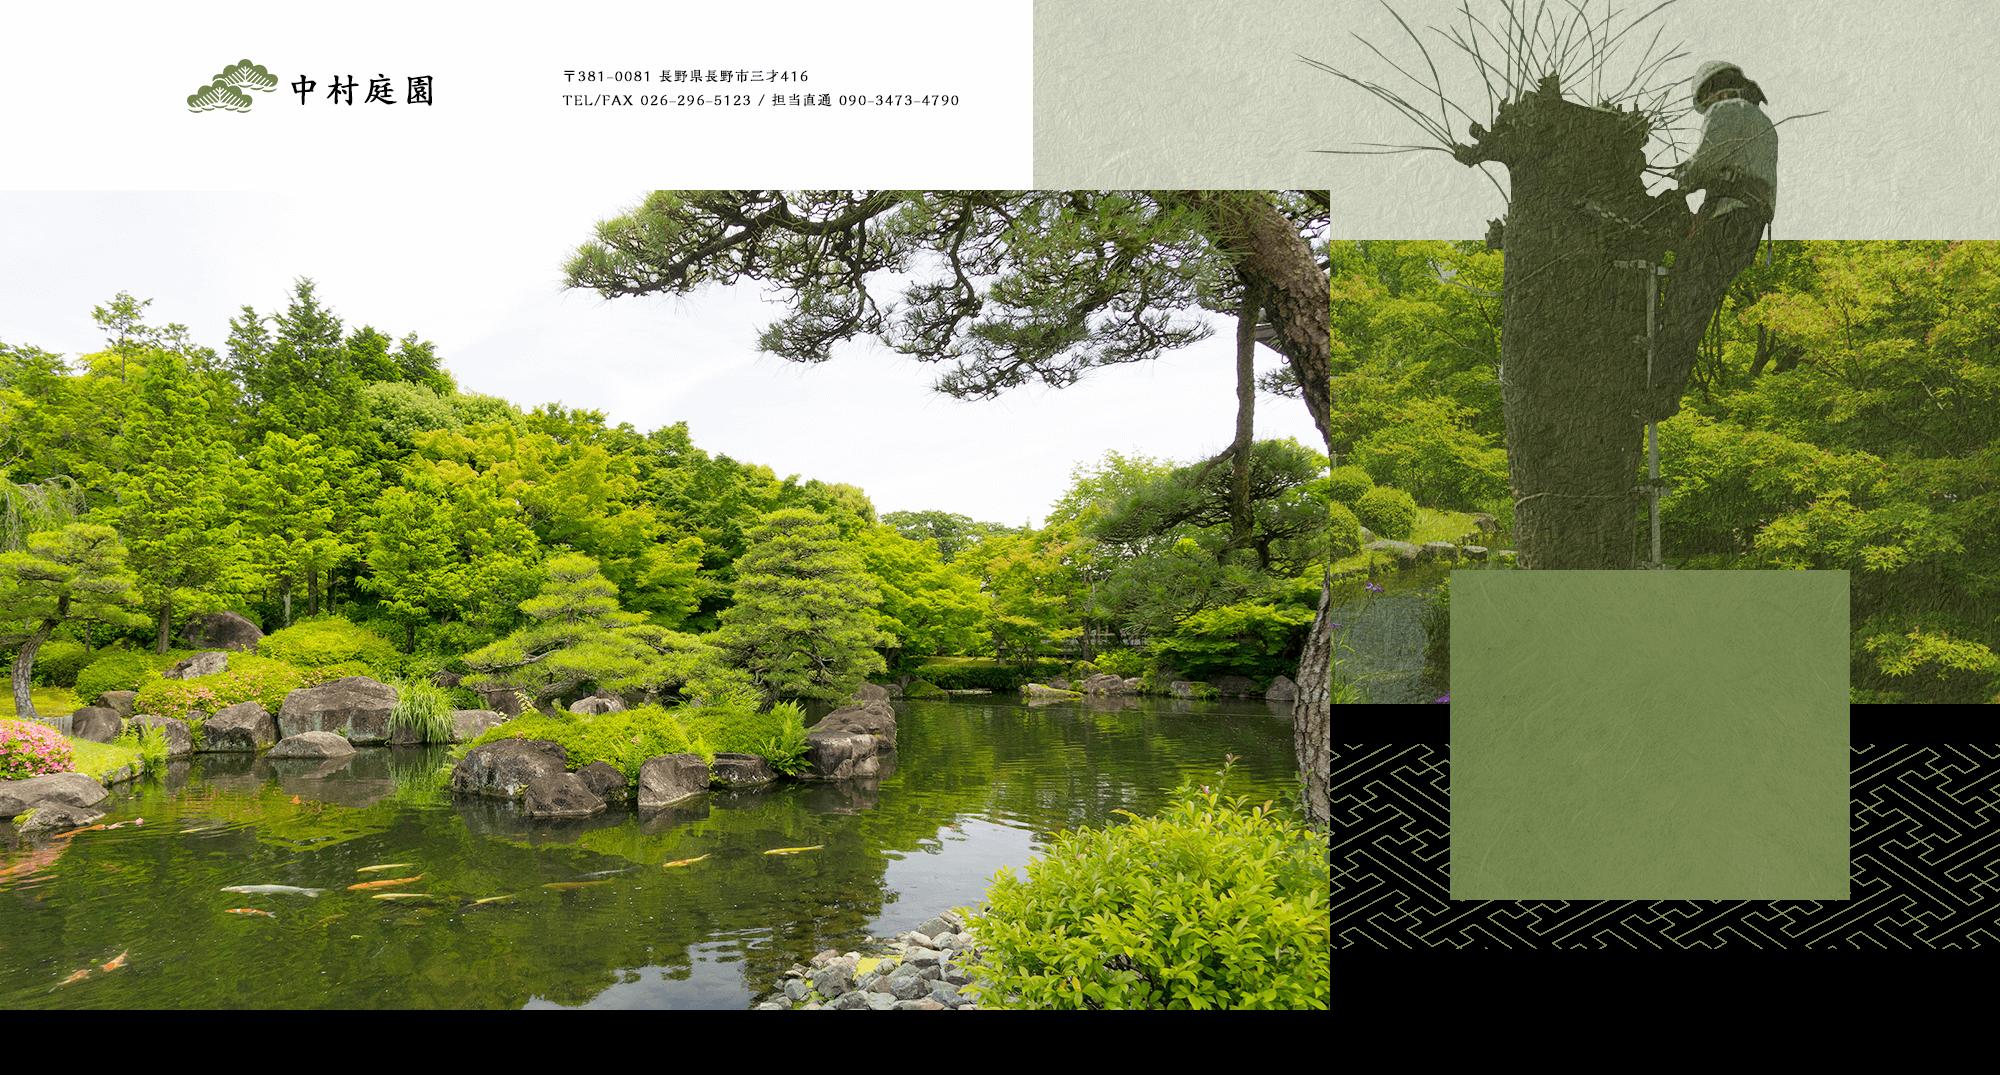 伝統的な剪定技術が織り成す、風情ある庭木 見るものを魅了する仕上がりが違います